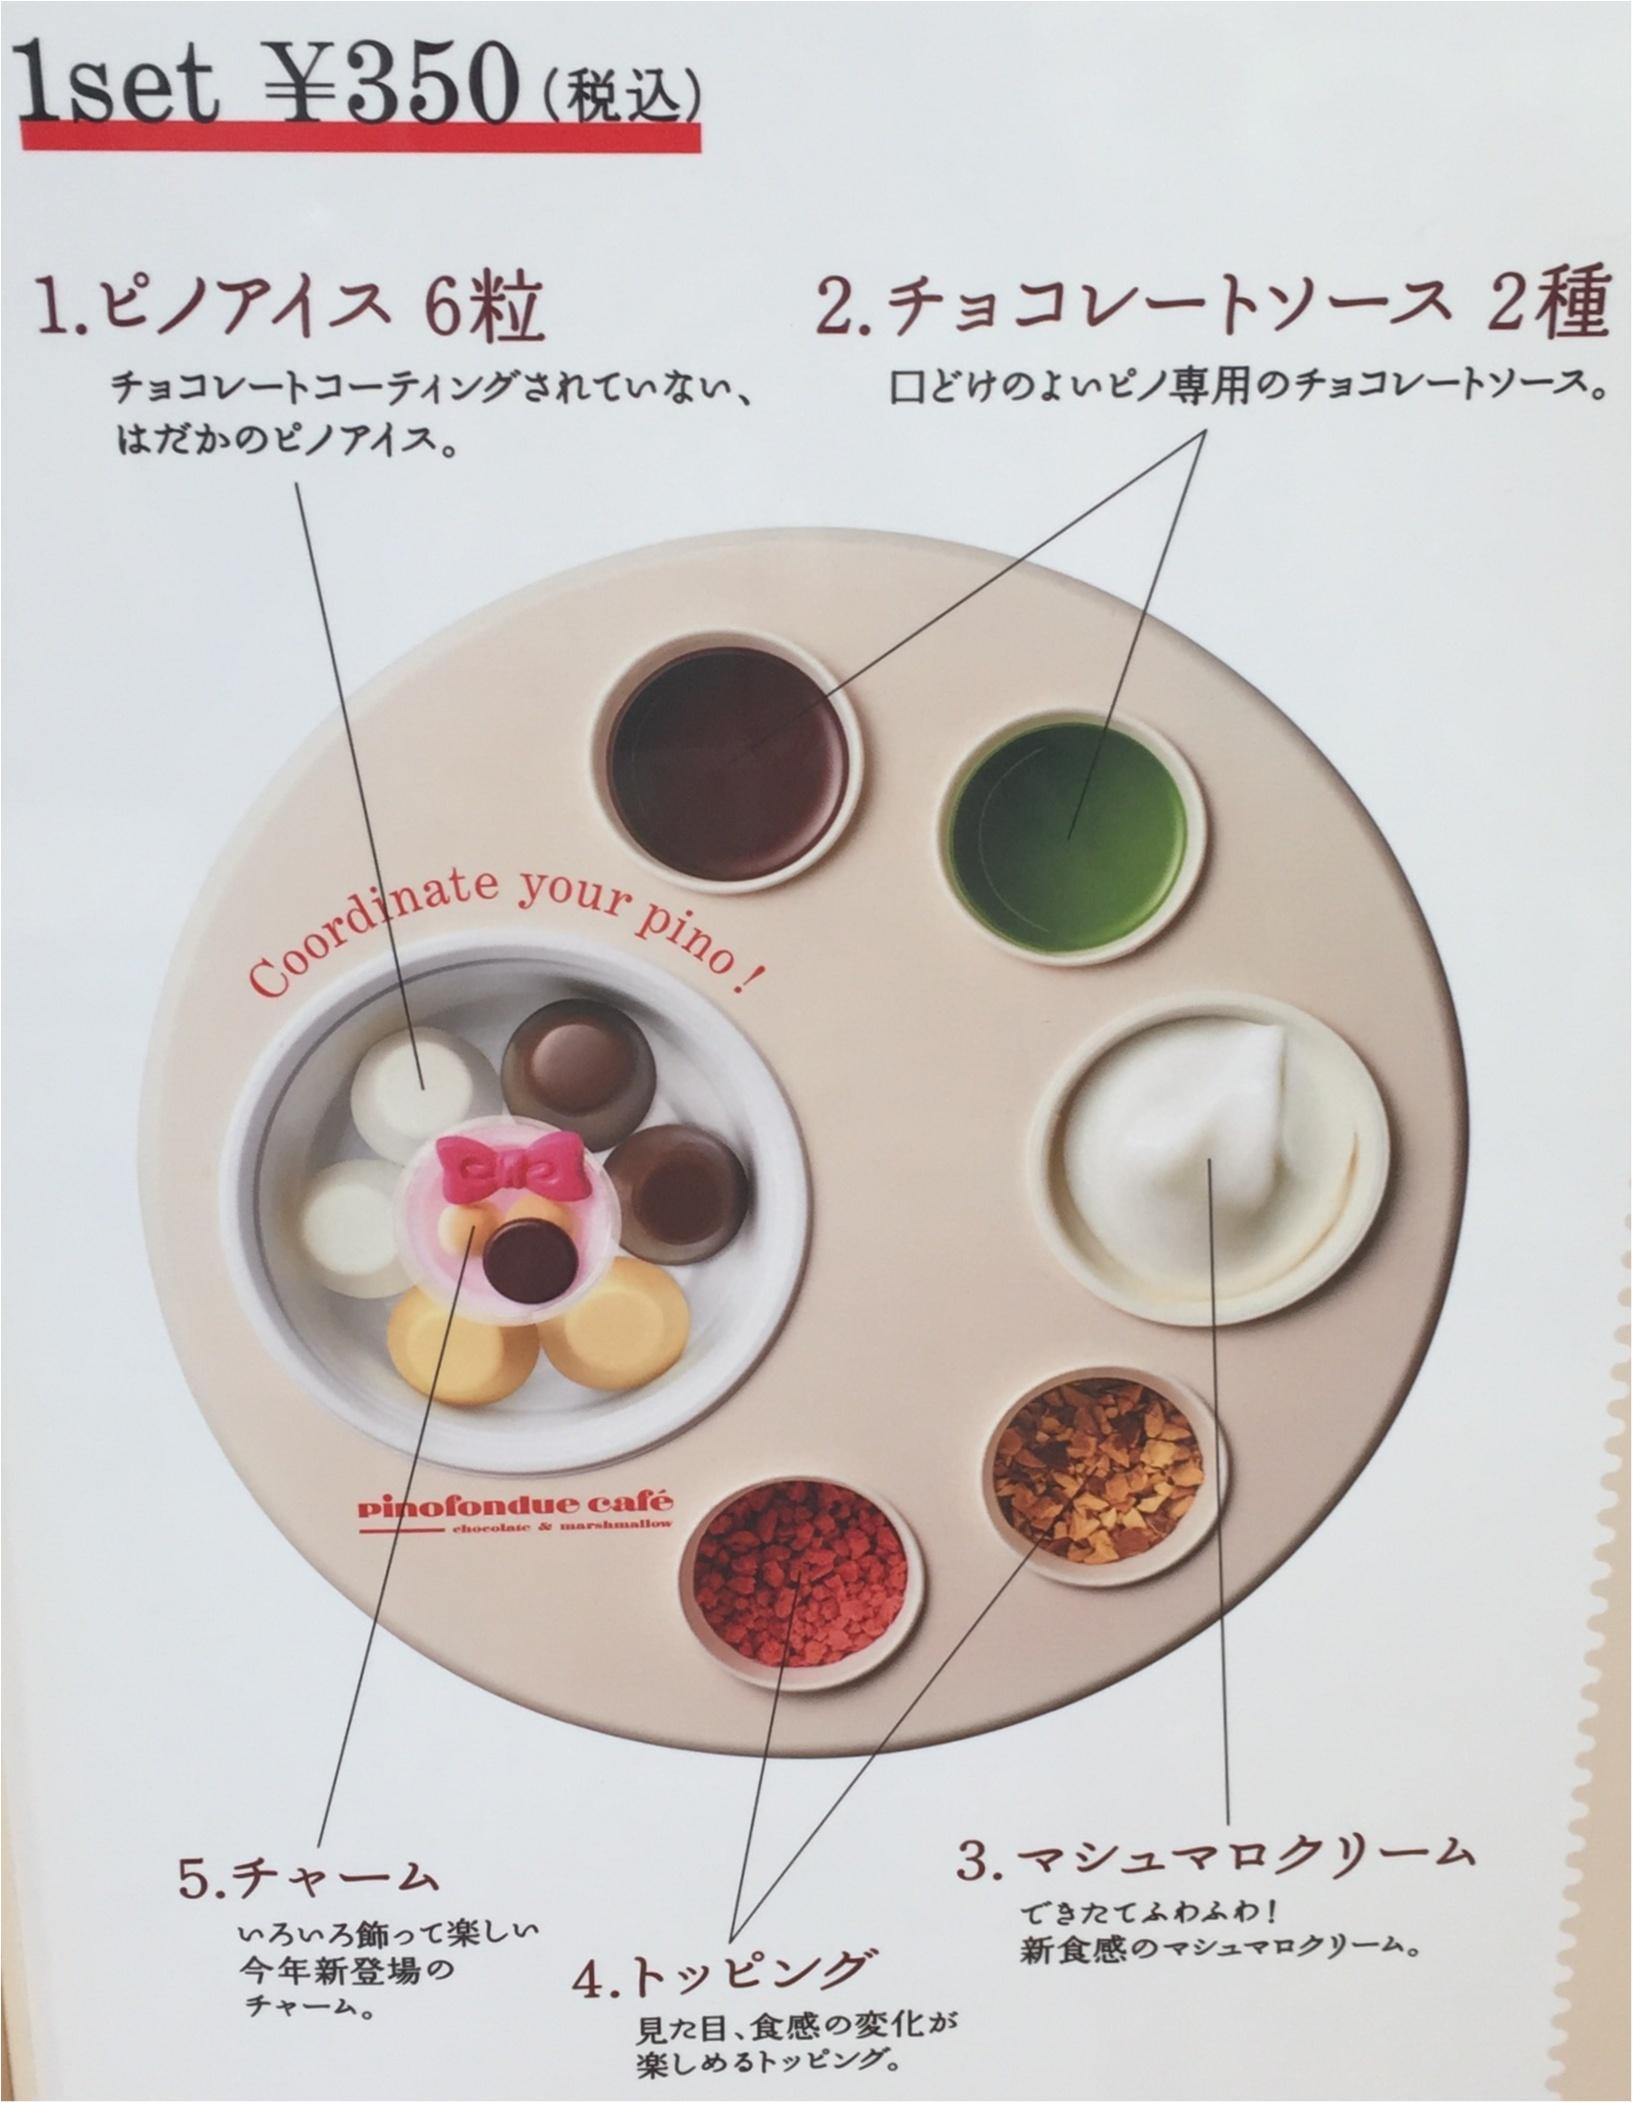 アイスの『pino』がつくった【ピノフォンデュカフェ】今年も東急プラザ表参道原宿3Fにオープン!大阪も今週末オープン✨≪samenyan≫_8